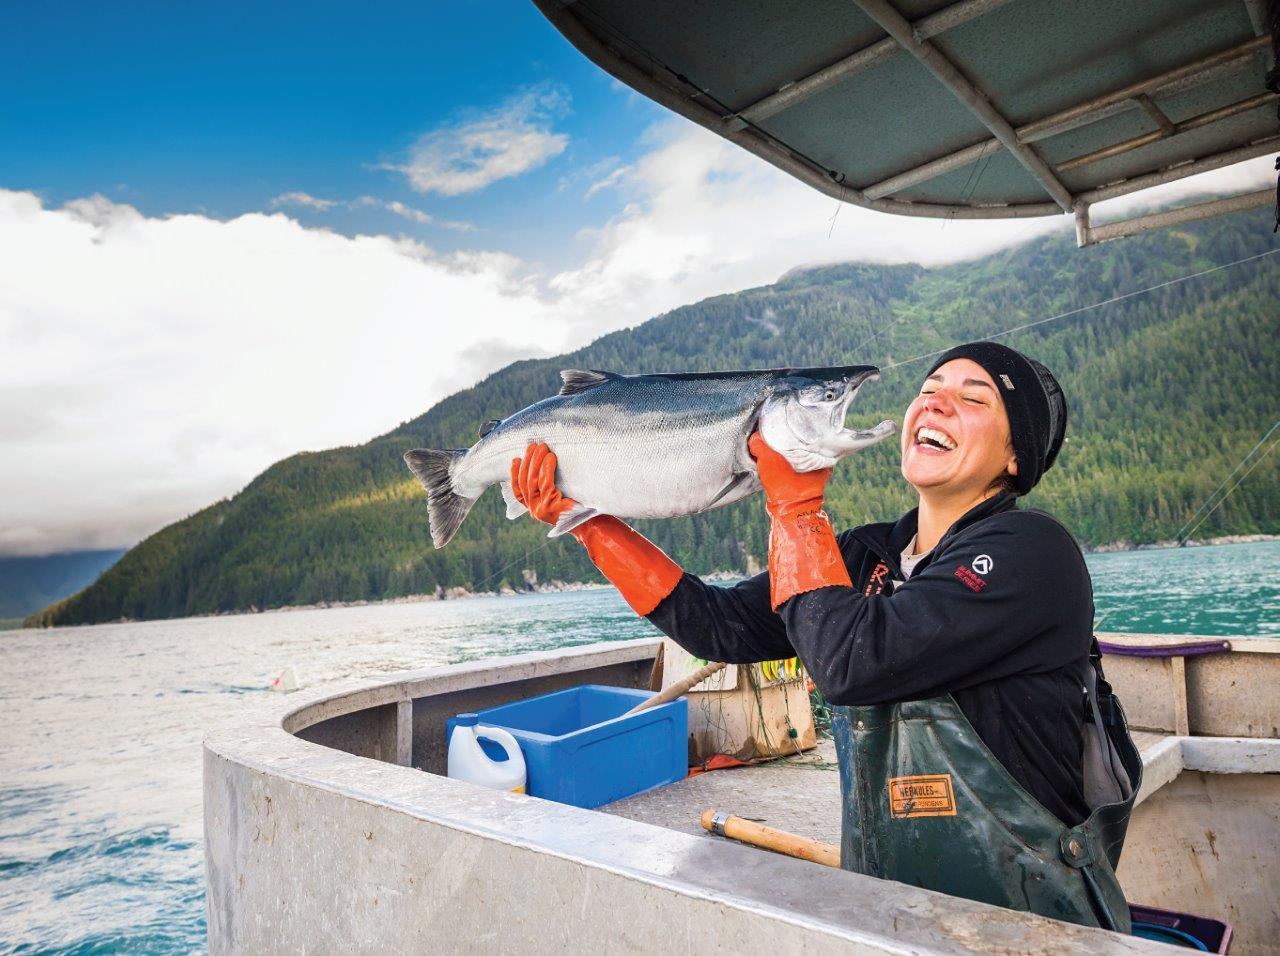 Aliaskos regionas išskirtinis ne tik dėl natūralios gamtos, bet ir dėl tvarios žvejybos, kuri leidžia išsaugoti unikalias natūralios gamtos išaugintas laukines regiono žuvis